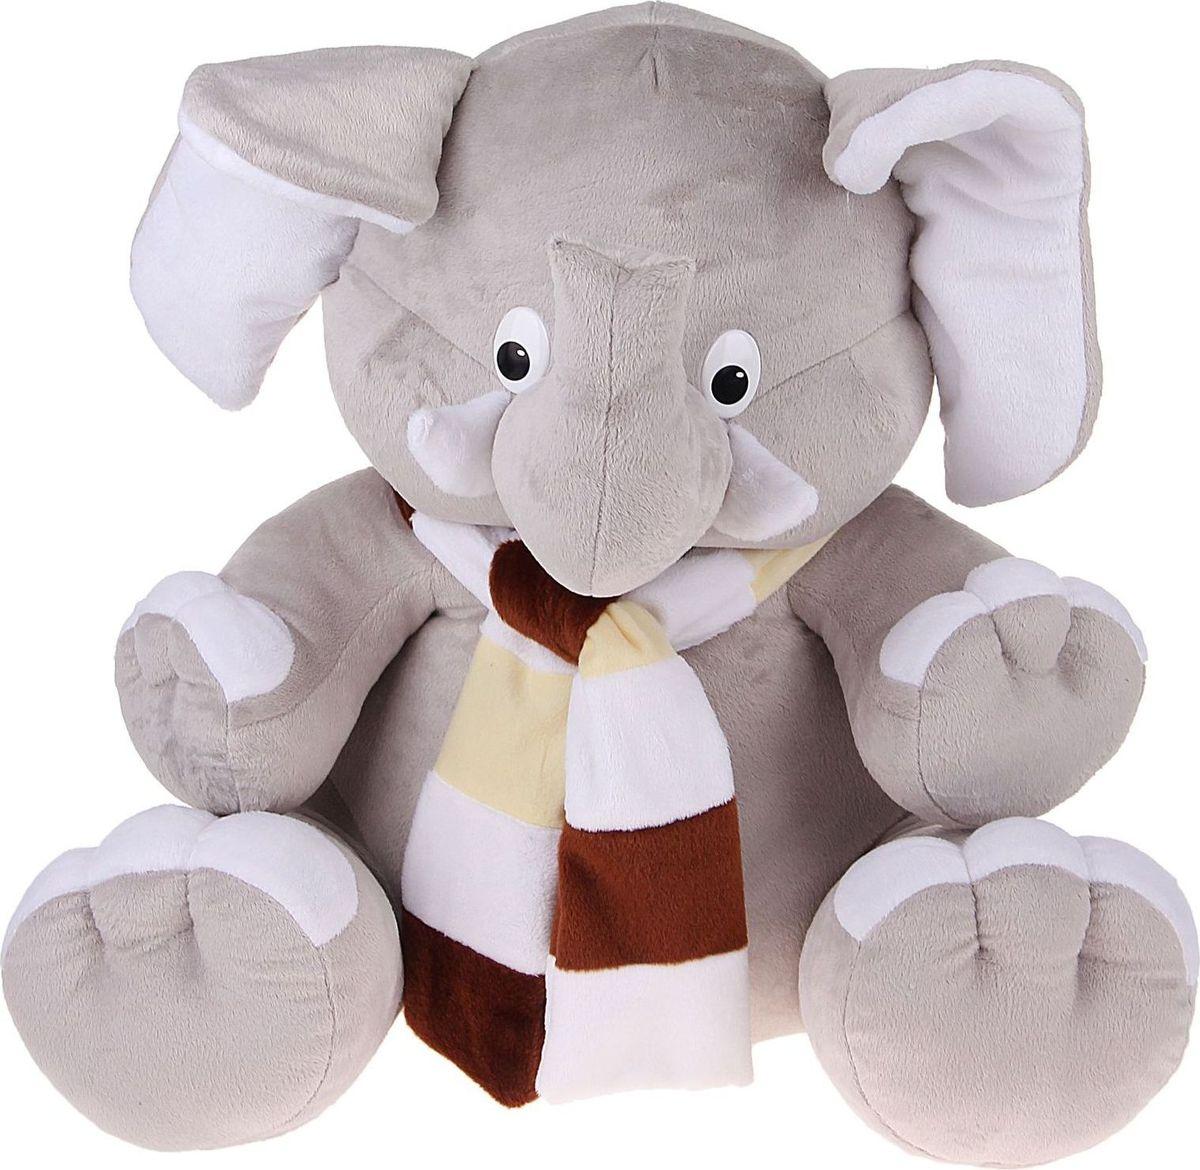 выездом картинки плюшевых слоников настоящий